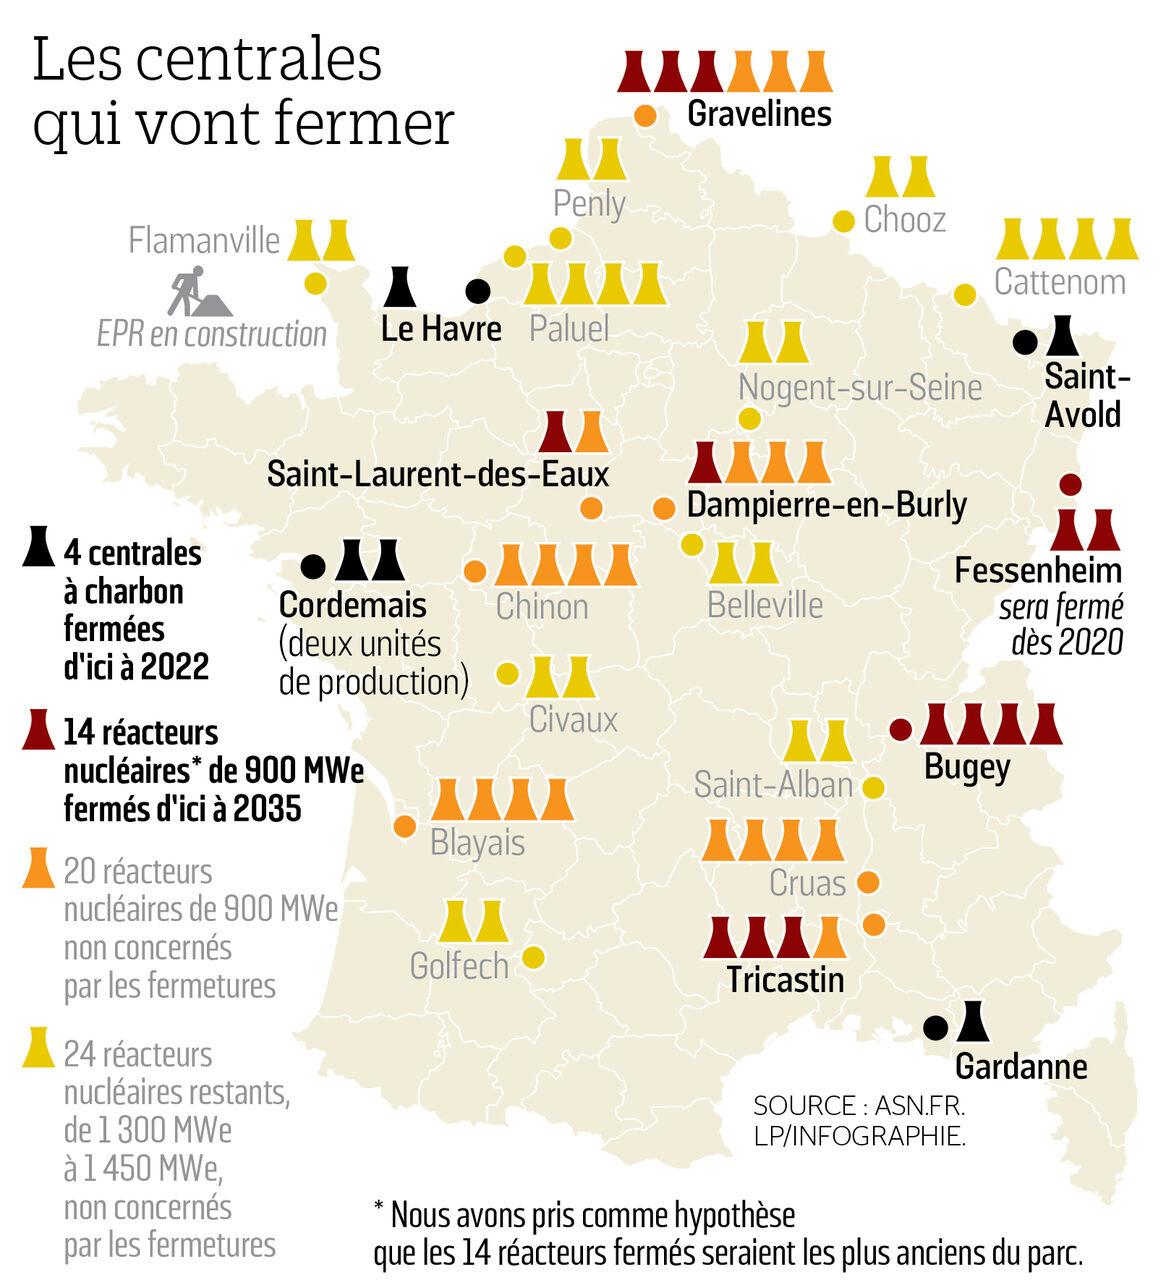 carte des centrales nucléaires en france 2020 La France veut fermer 14 réacteurs nucléaires sur 58   Le Parisien